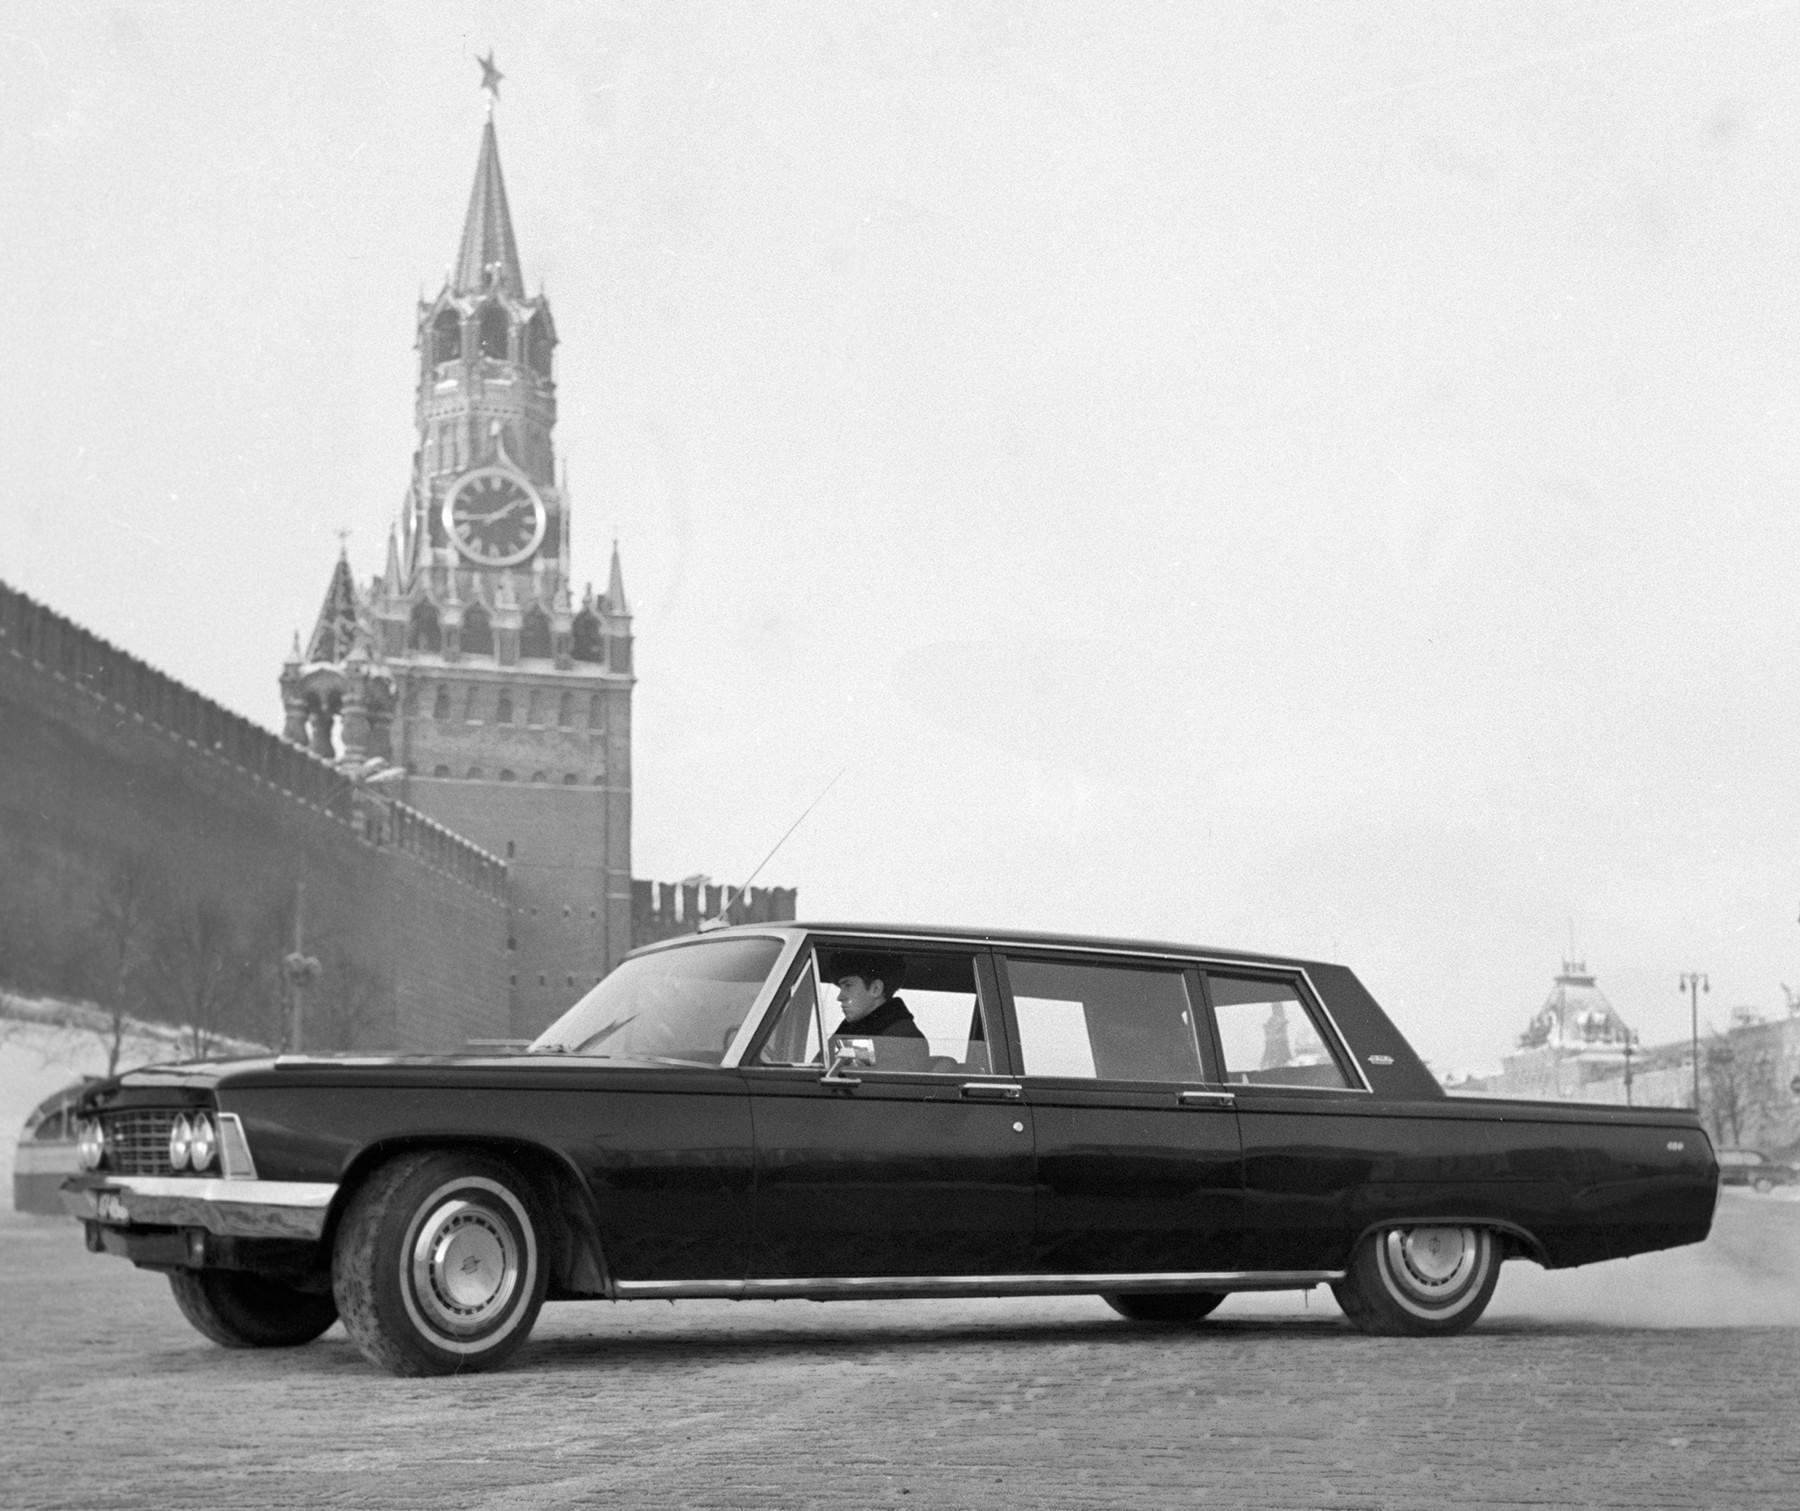 Sovjetski automobil visoke klase ZIL-114, koji se proizvodio u moskovskoj tvornici automobila